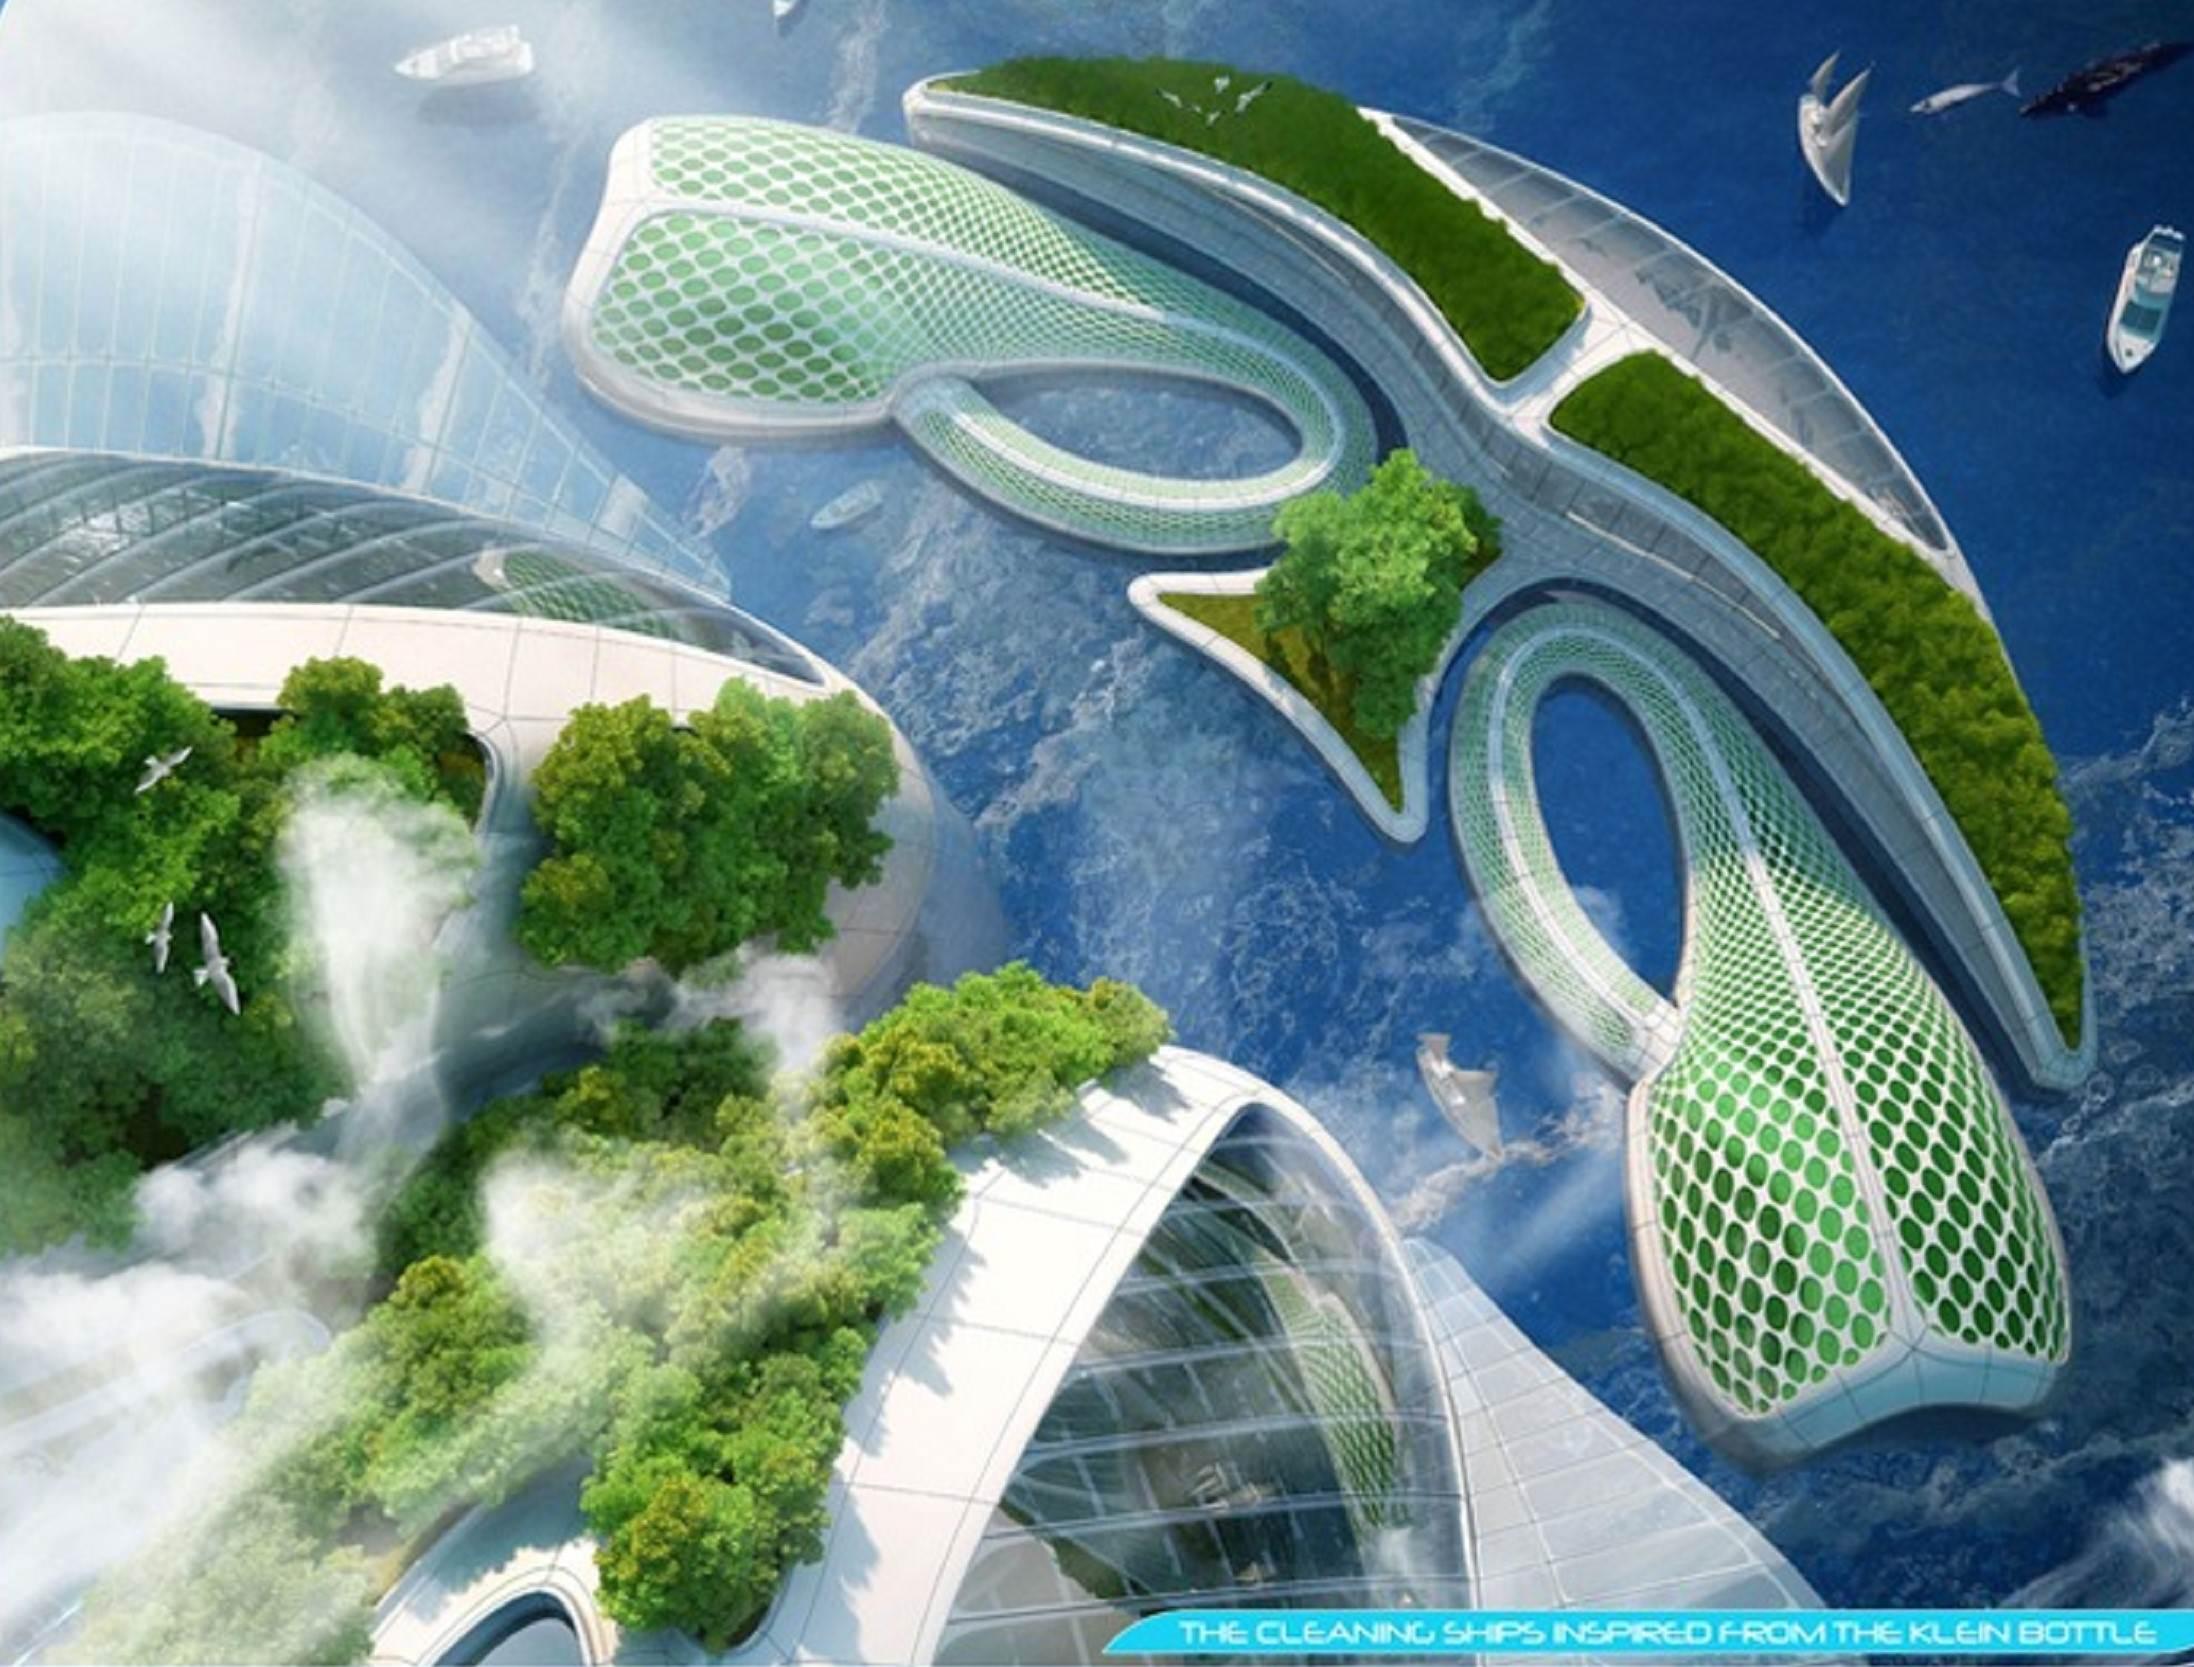 Underwater Aequorea oceanscrapers architecture